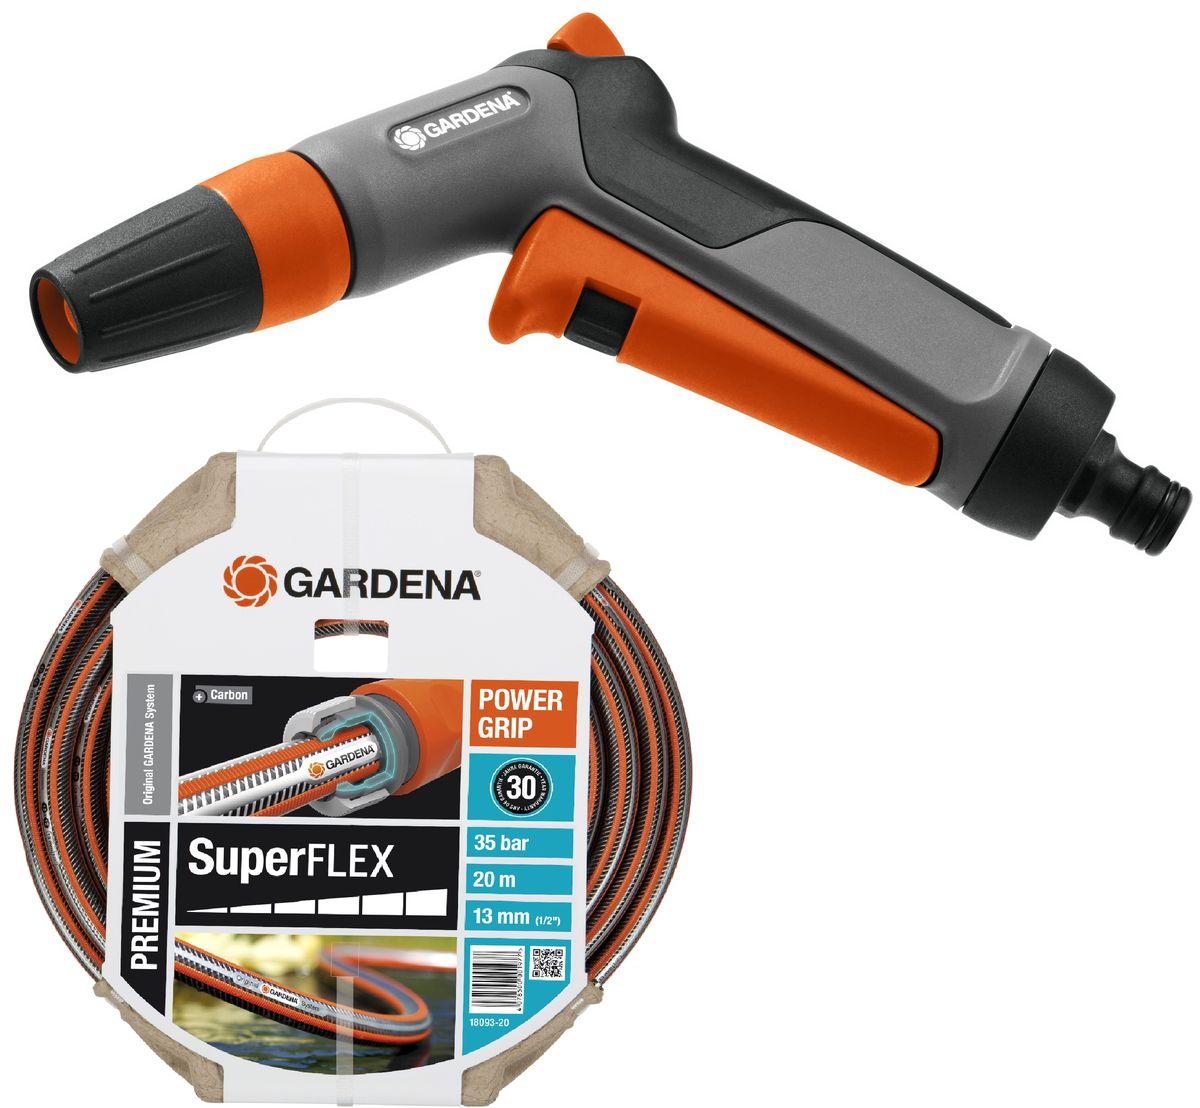 """Шланг Gardena """"Superflex"""", диаметр 13 мм (1/2""""), длина 20 м + Пистолет-наконечник для полива Gardena """"Classic"""". 07800-20.000.00"""